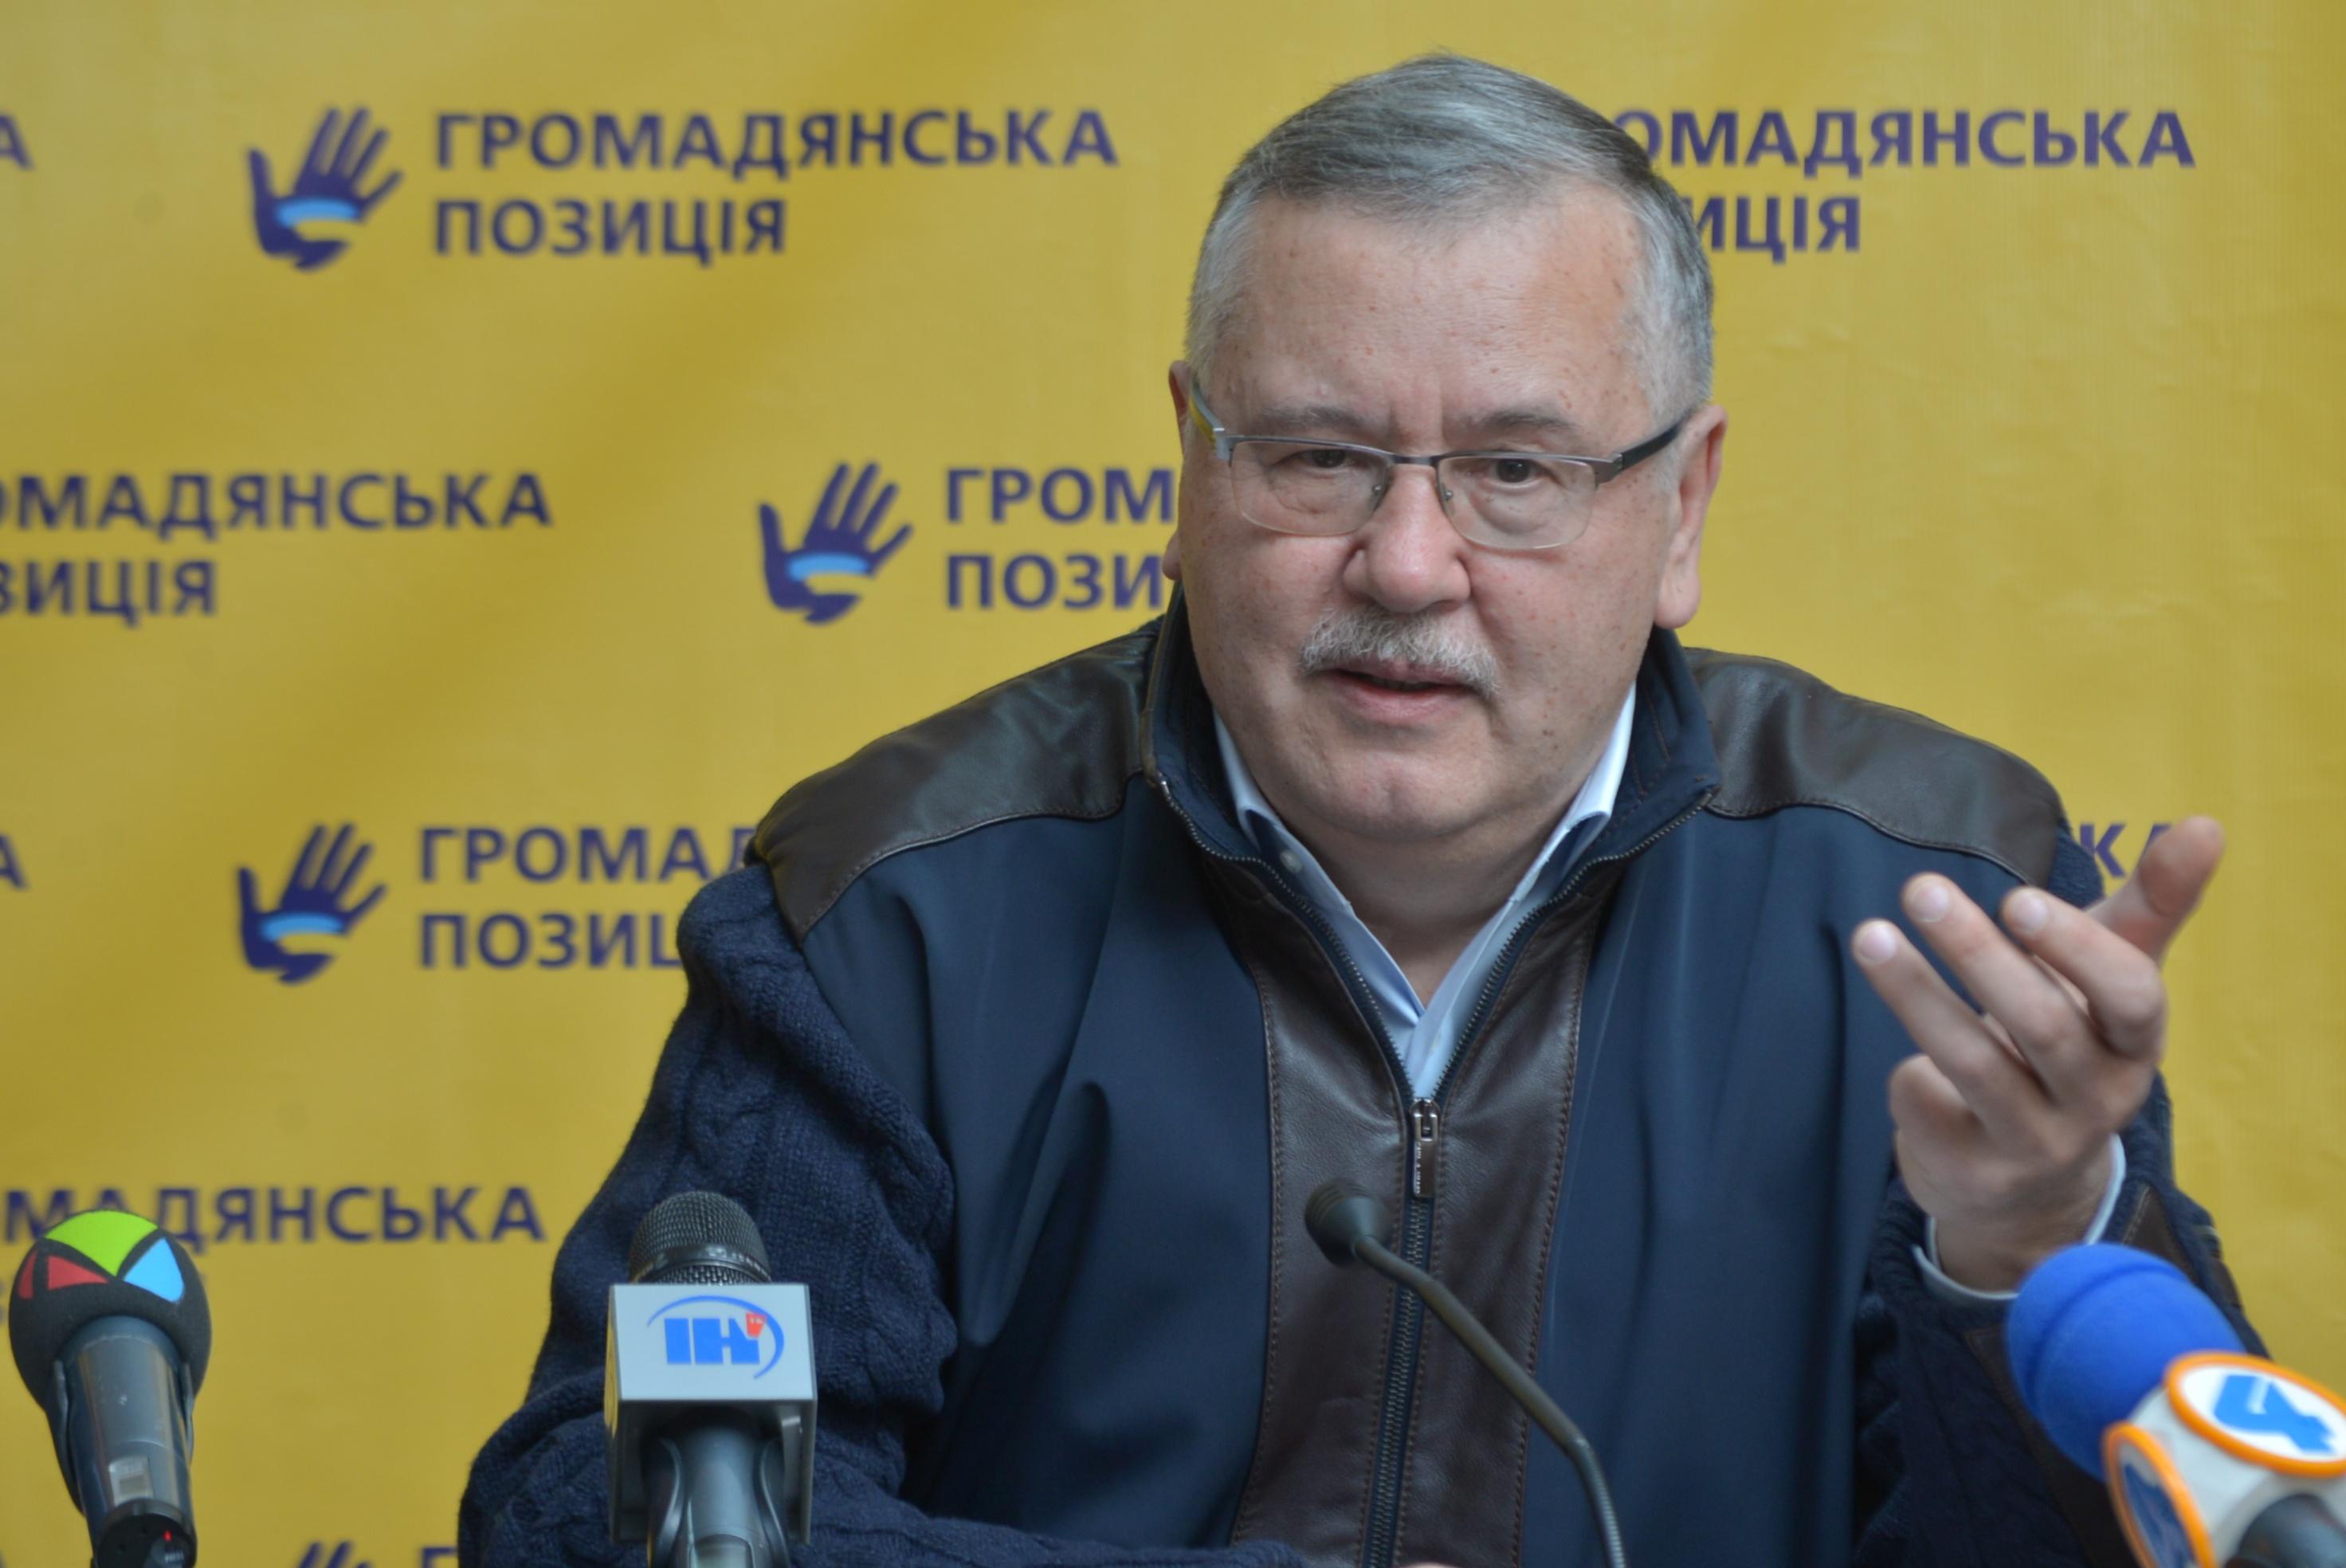 Анатолій Гриценко (фото: ternograd.te.ua)